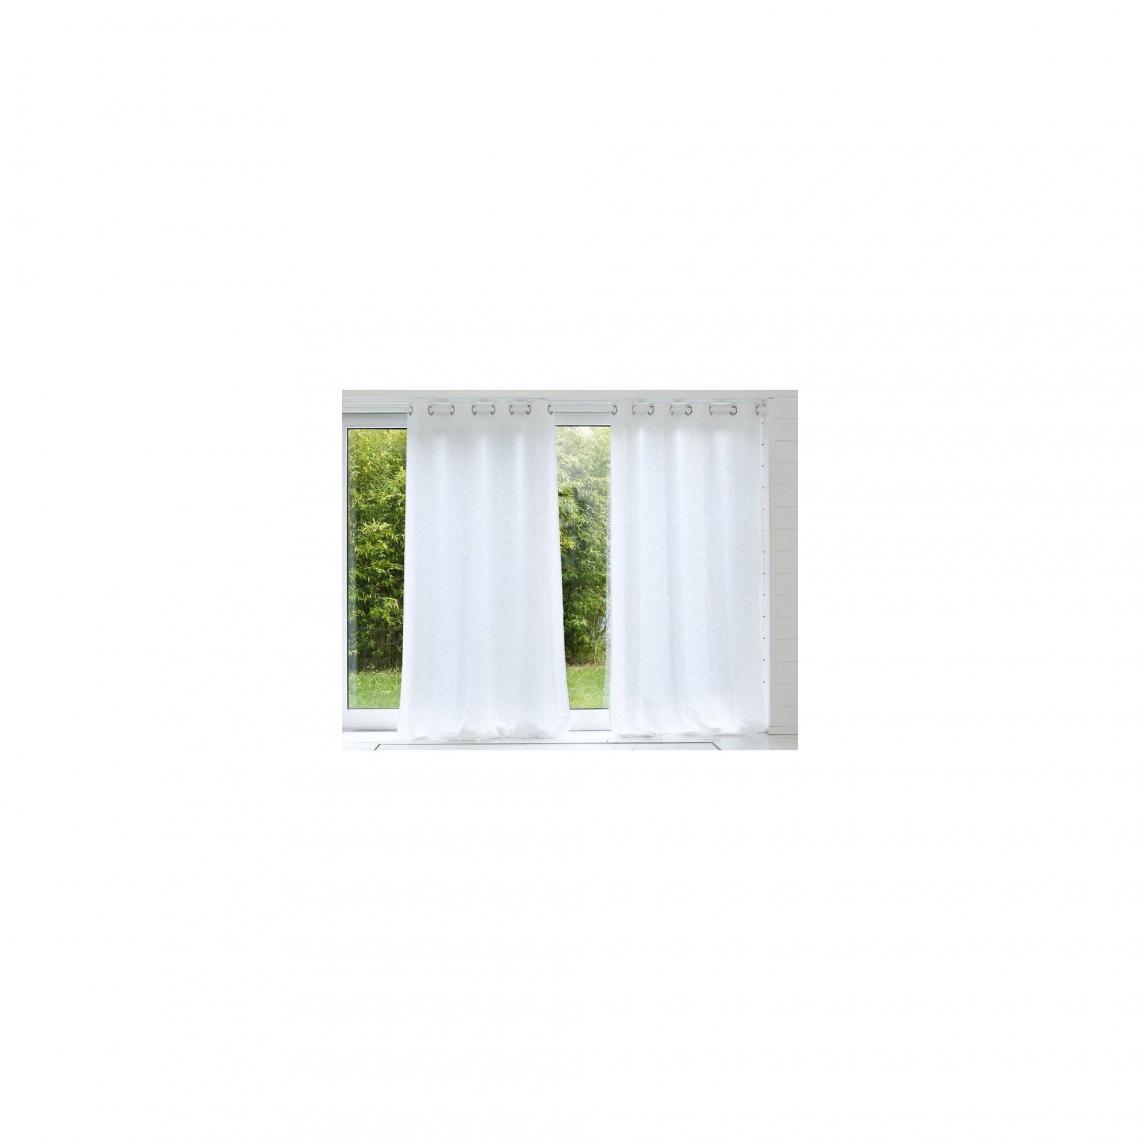 rideau uni lin lave qualite lourde blancvoir